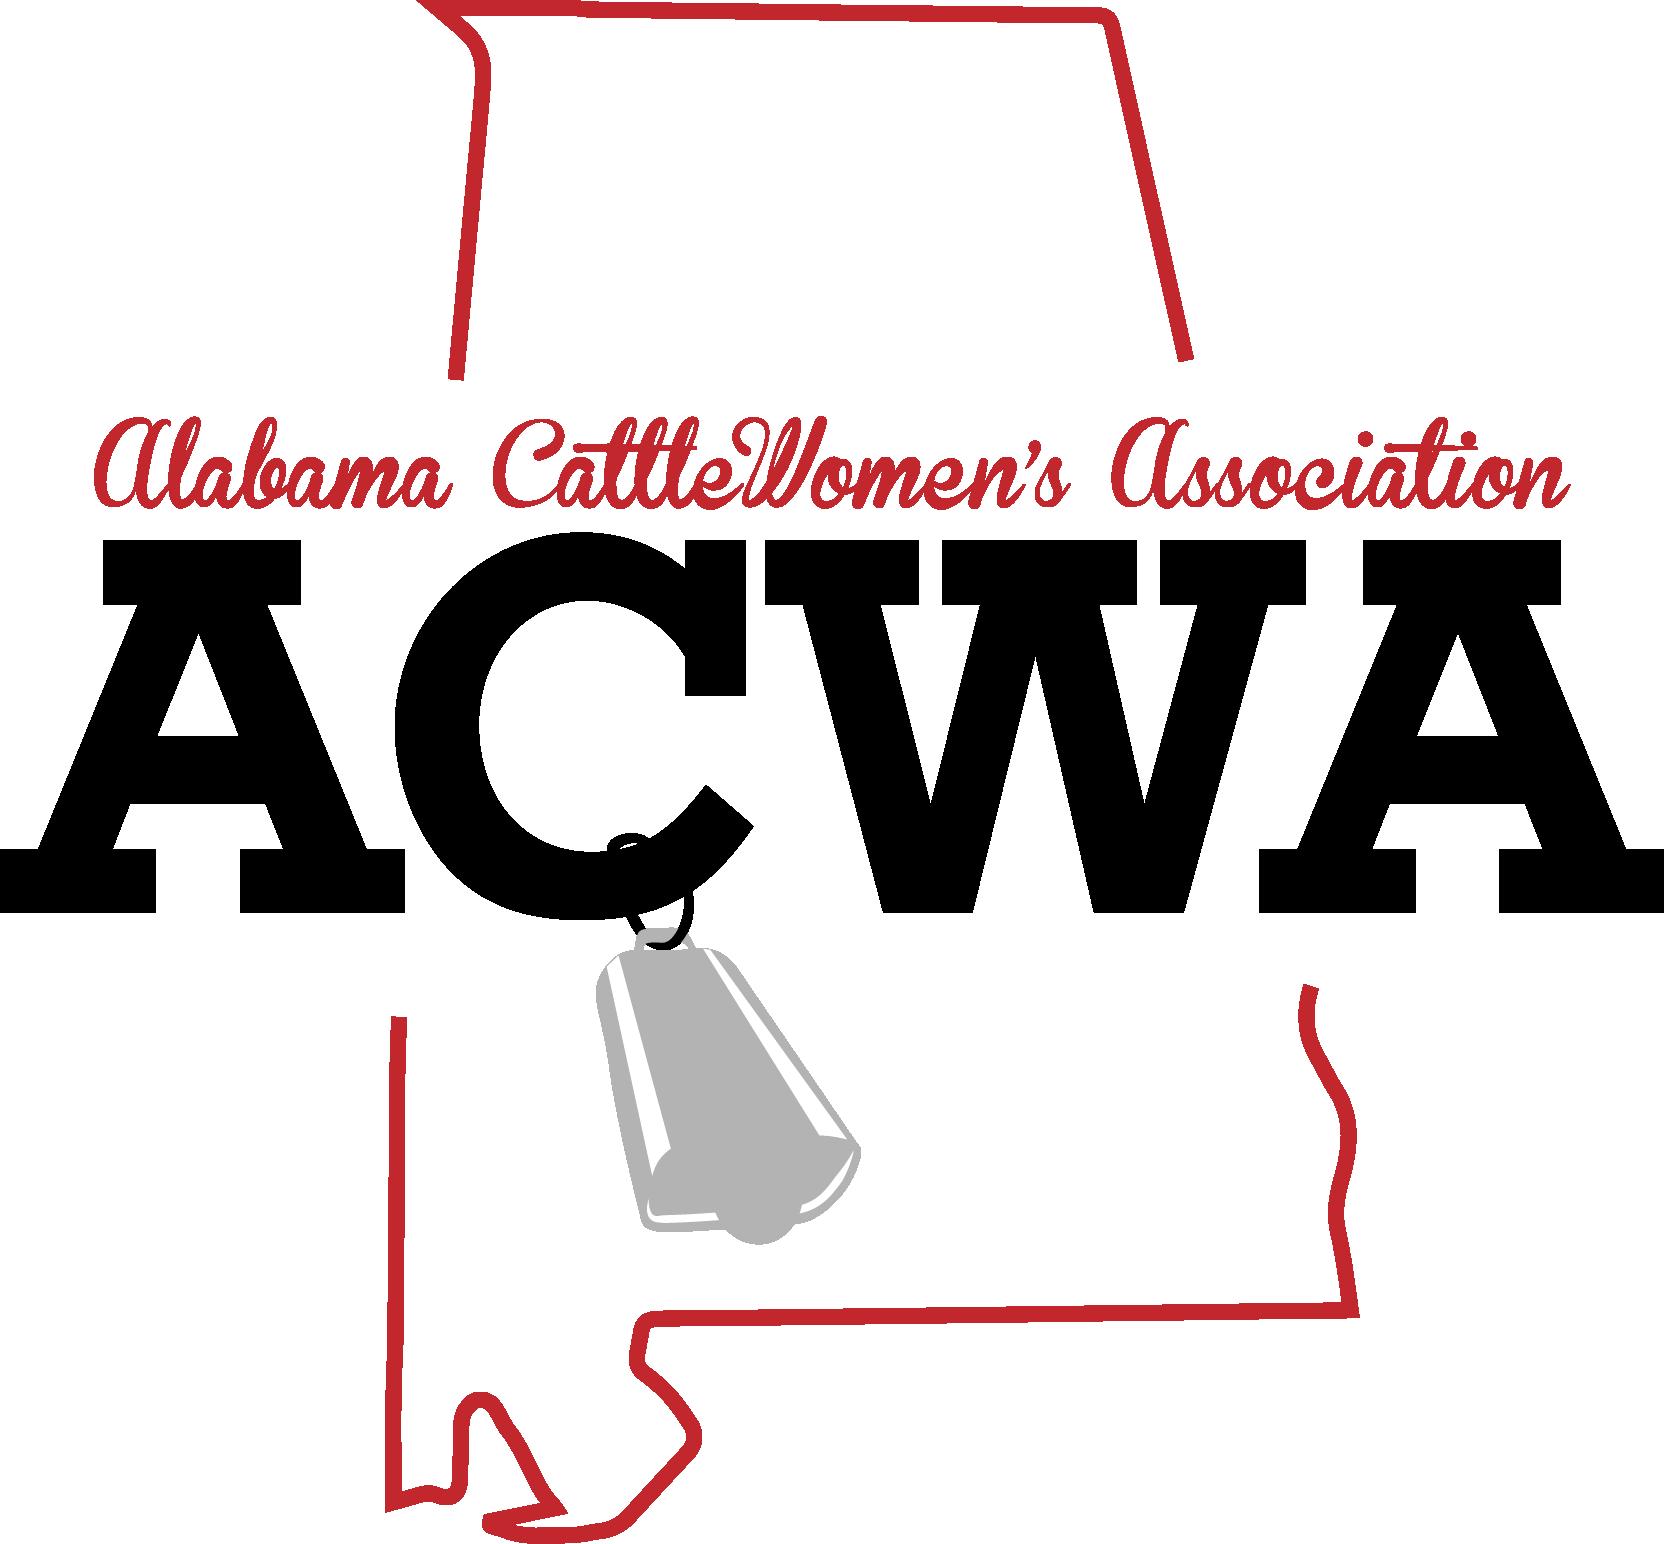 The Alabama Cattlewomen's Association